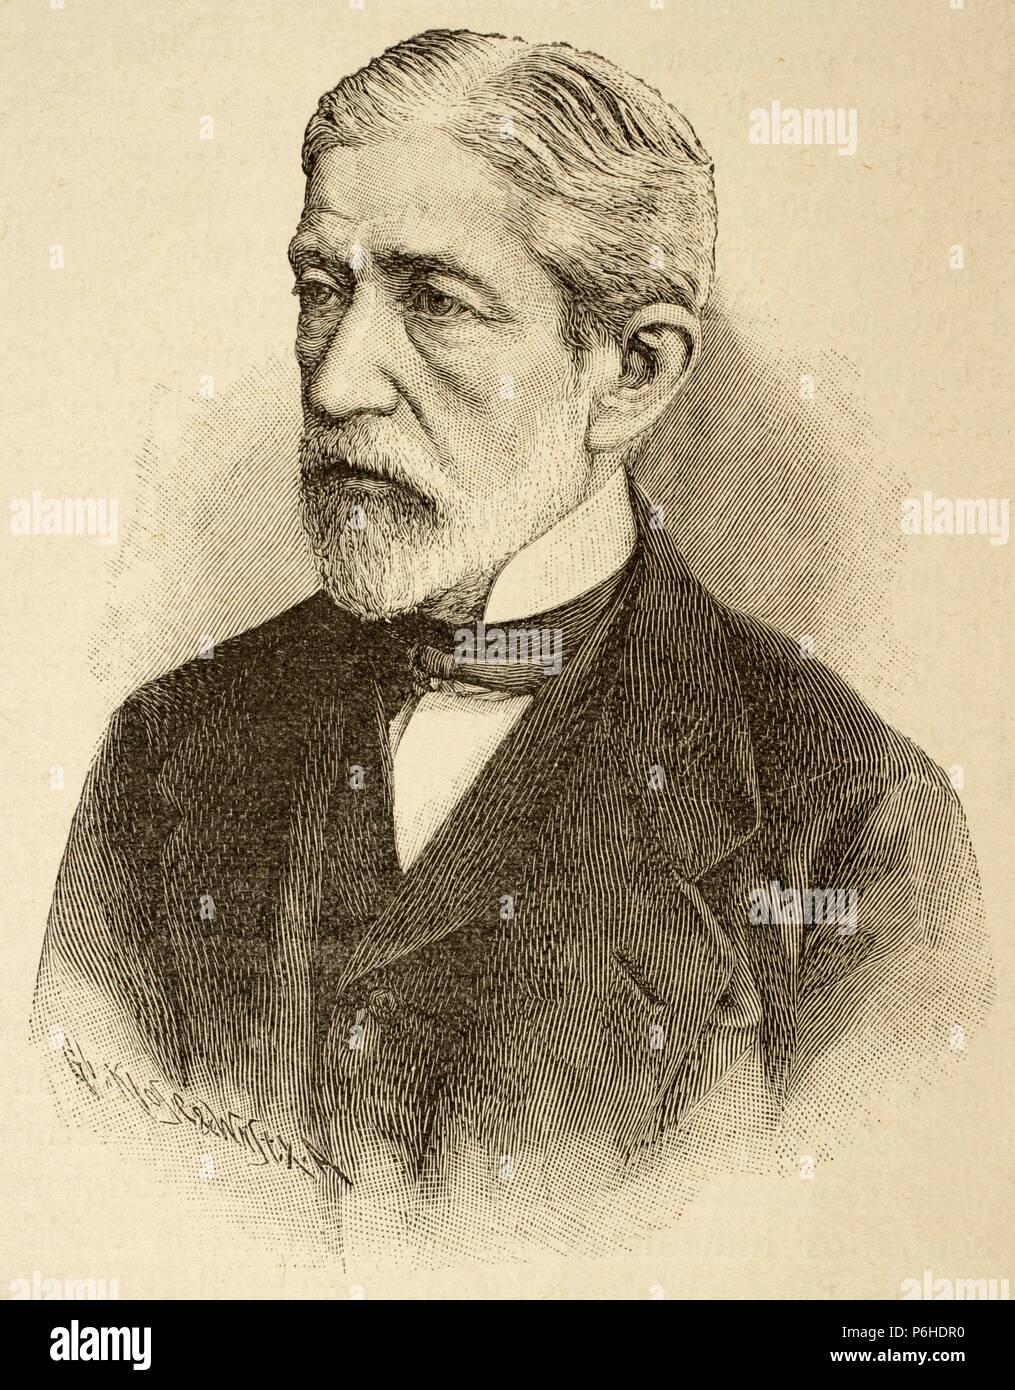 Hermann von Mallinckrodt (1821-1874). German parliamentarian. Engraving. Historia Universal, 1885. - Stock Image